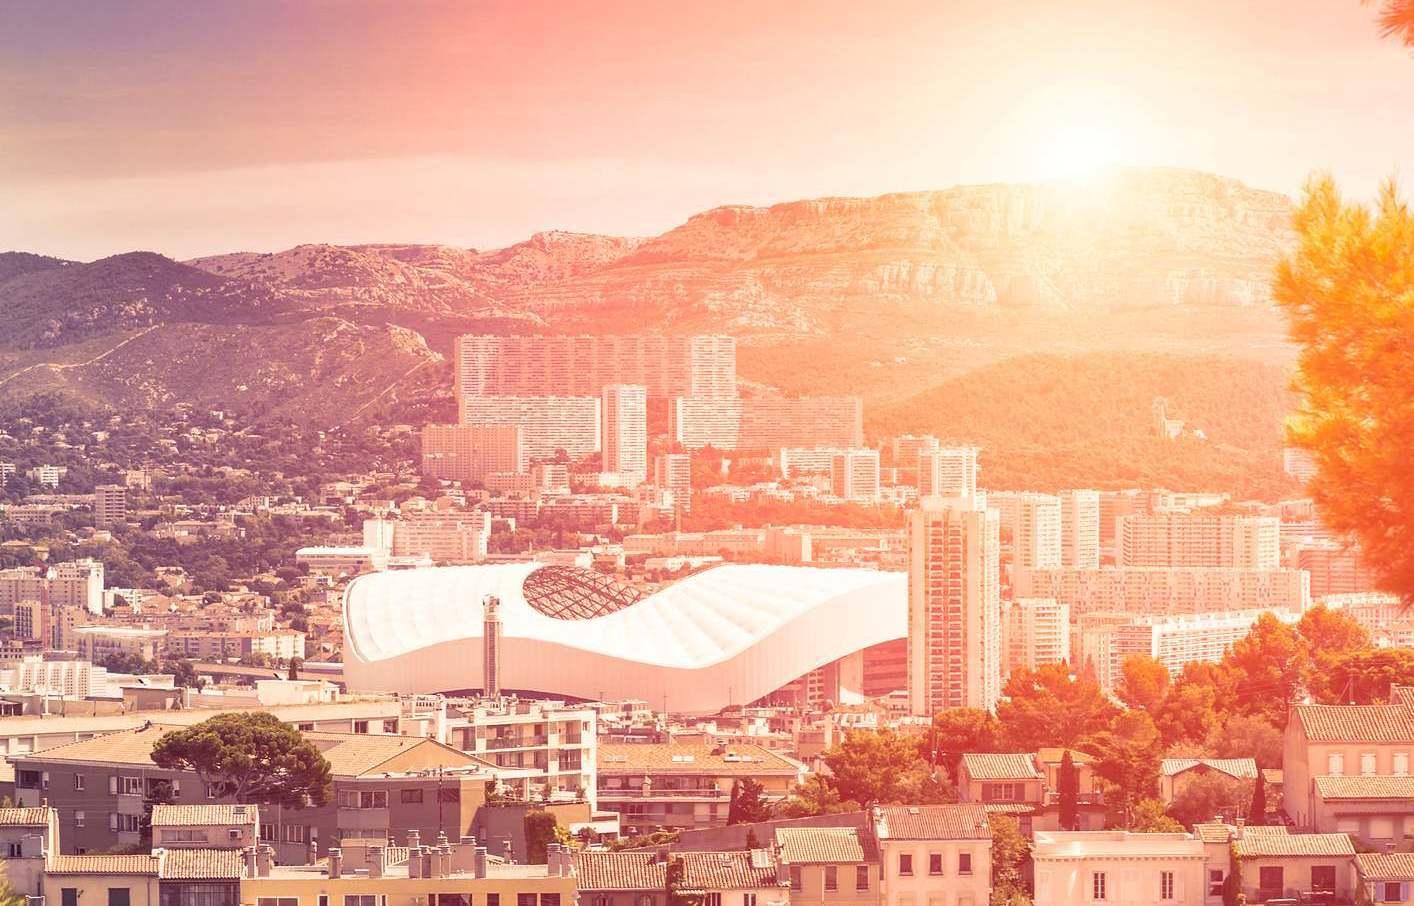 Stade Olympique de Marseille